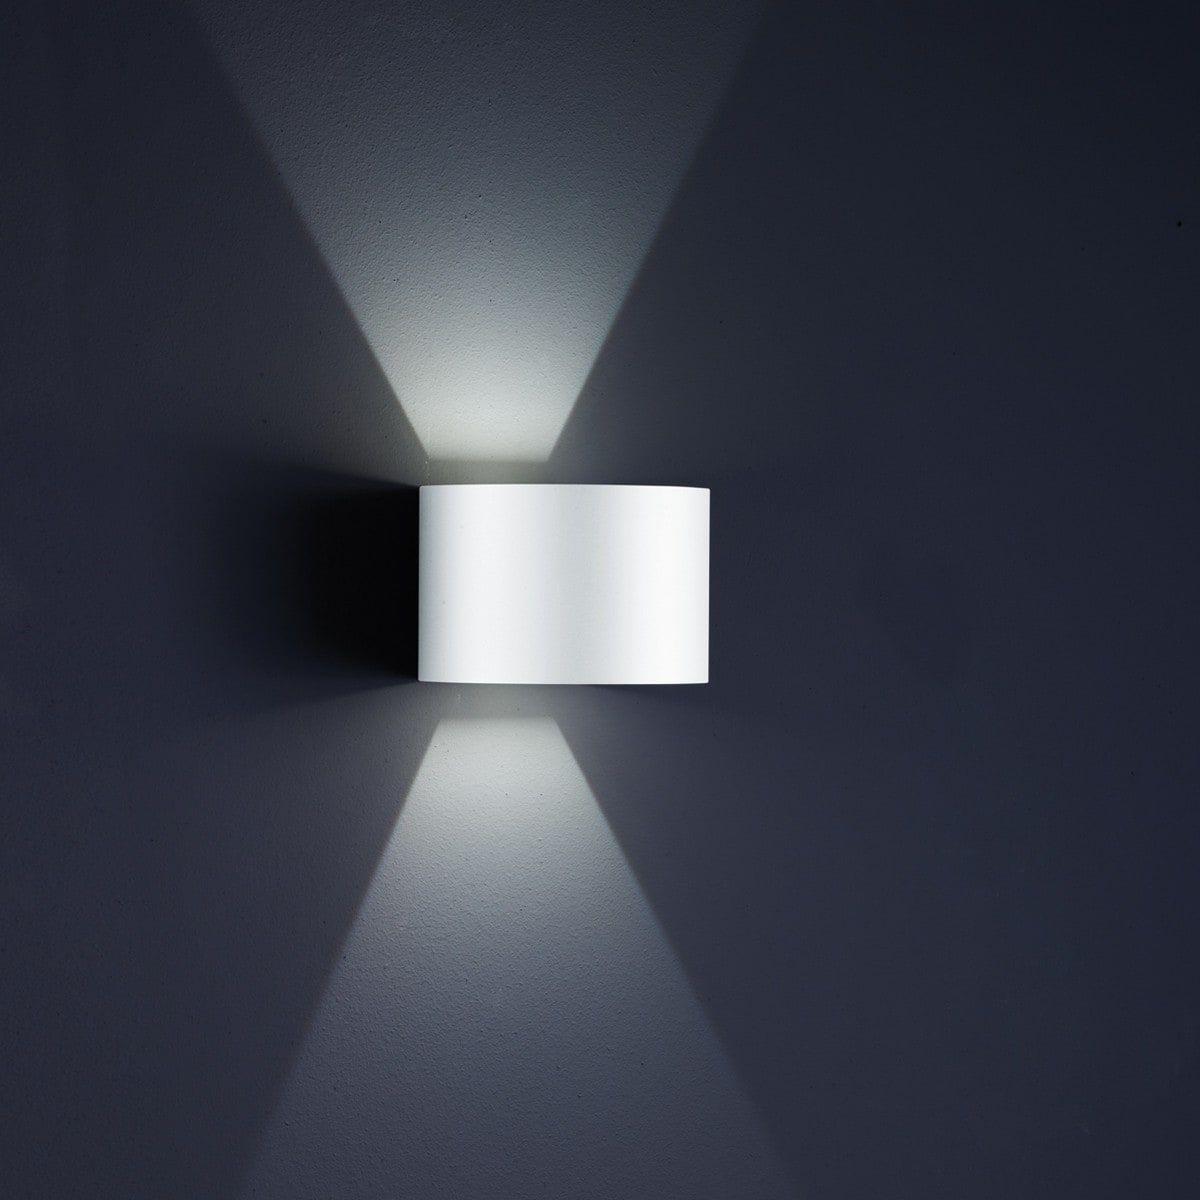 Lampe Mit Batterie Und Fernbedienung